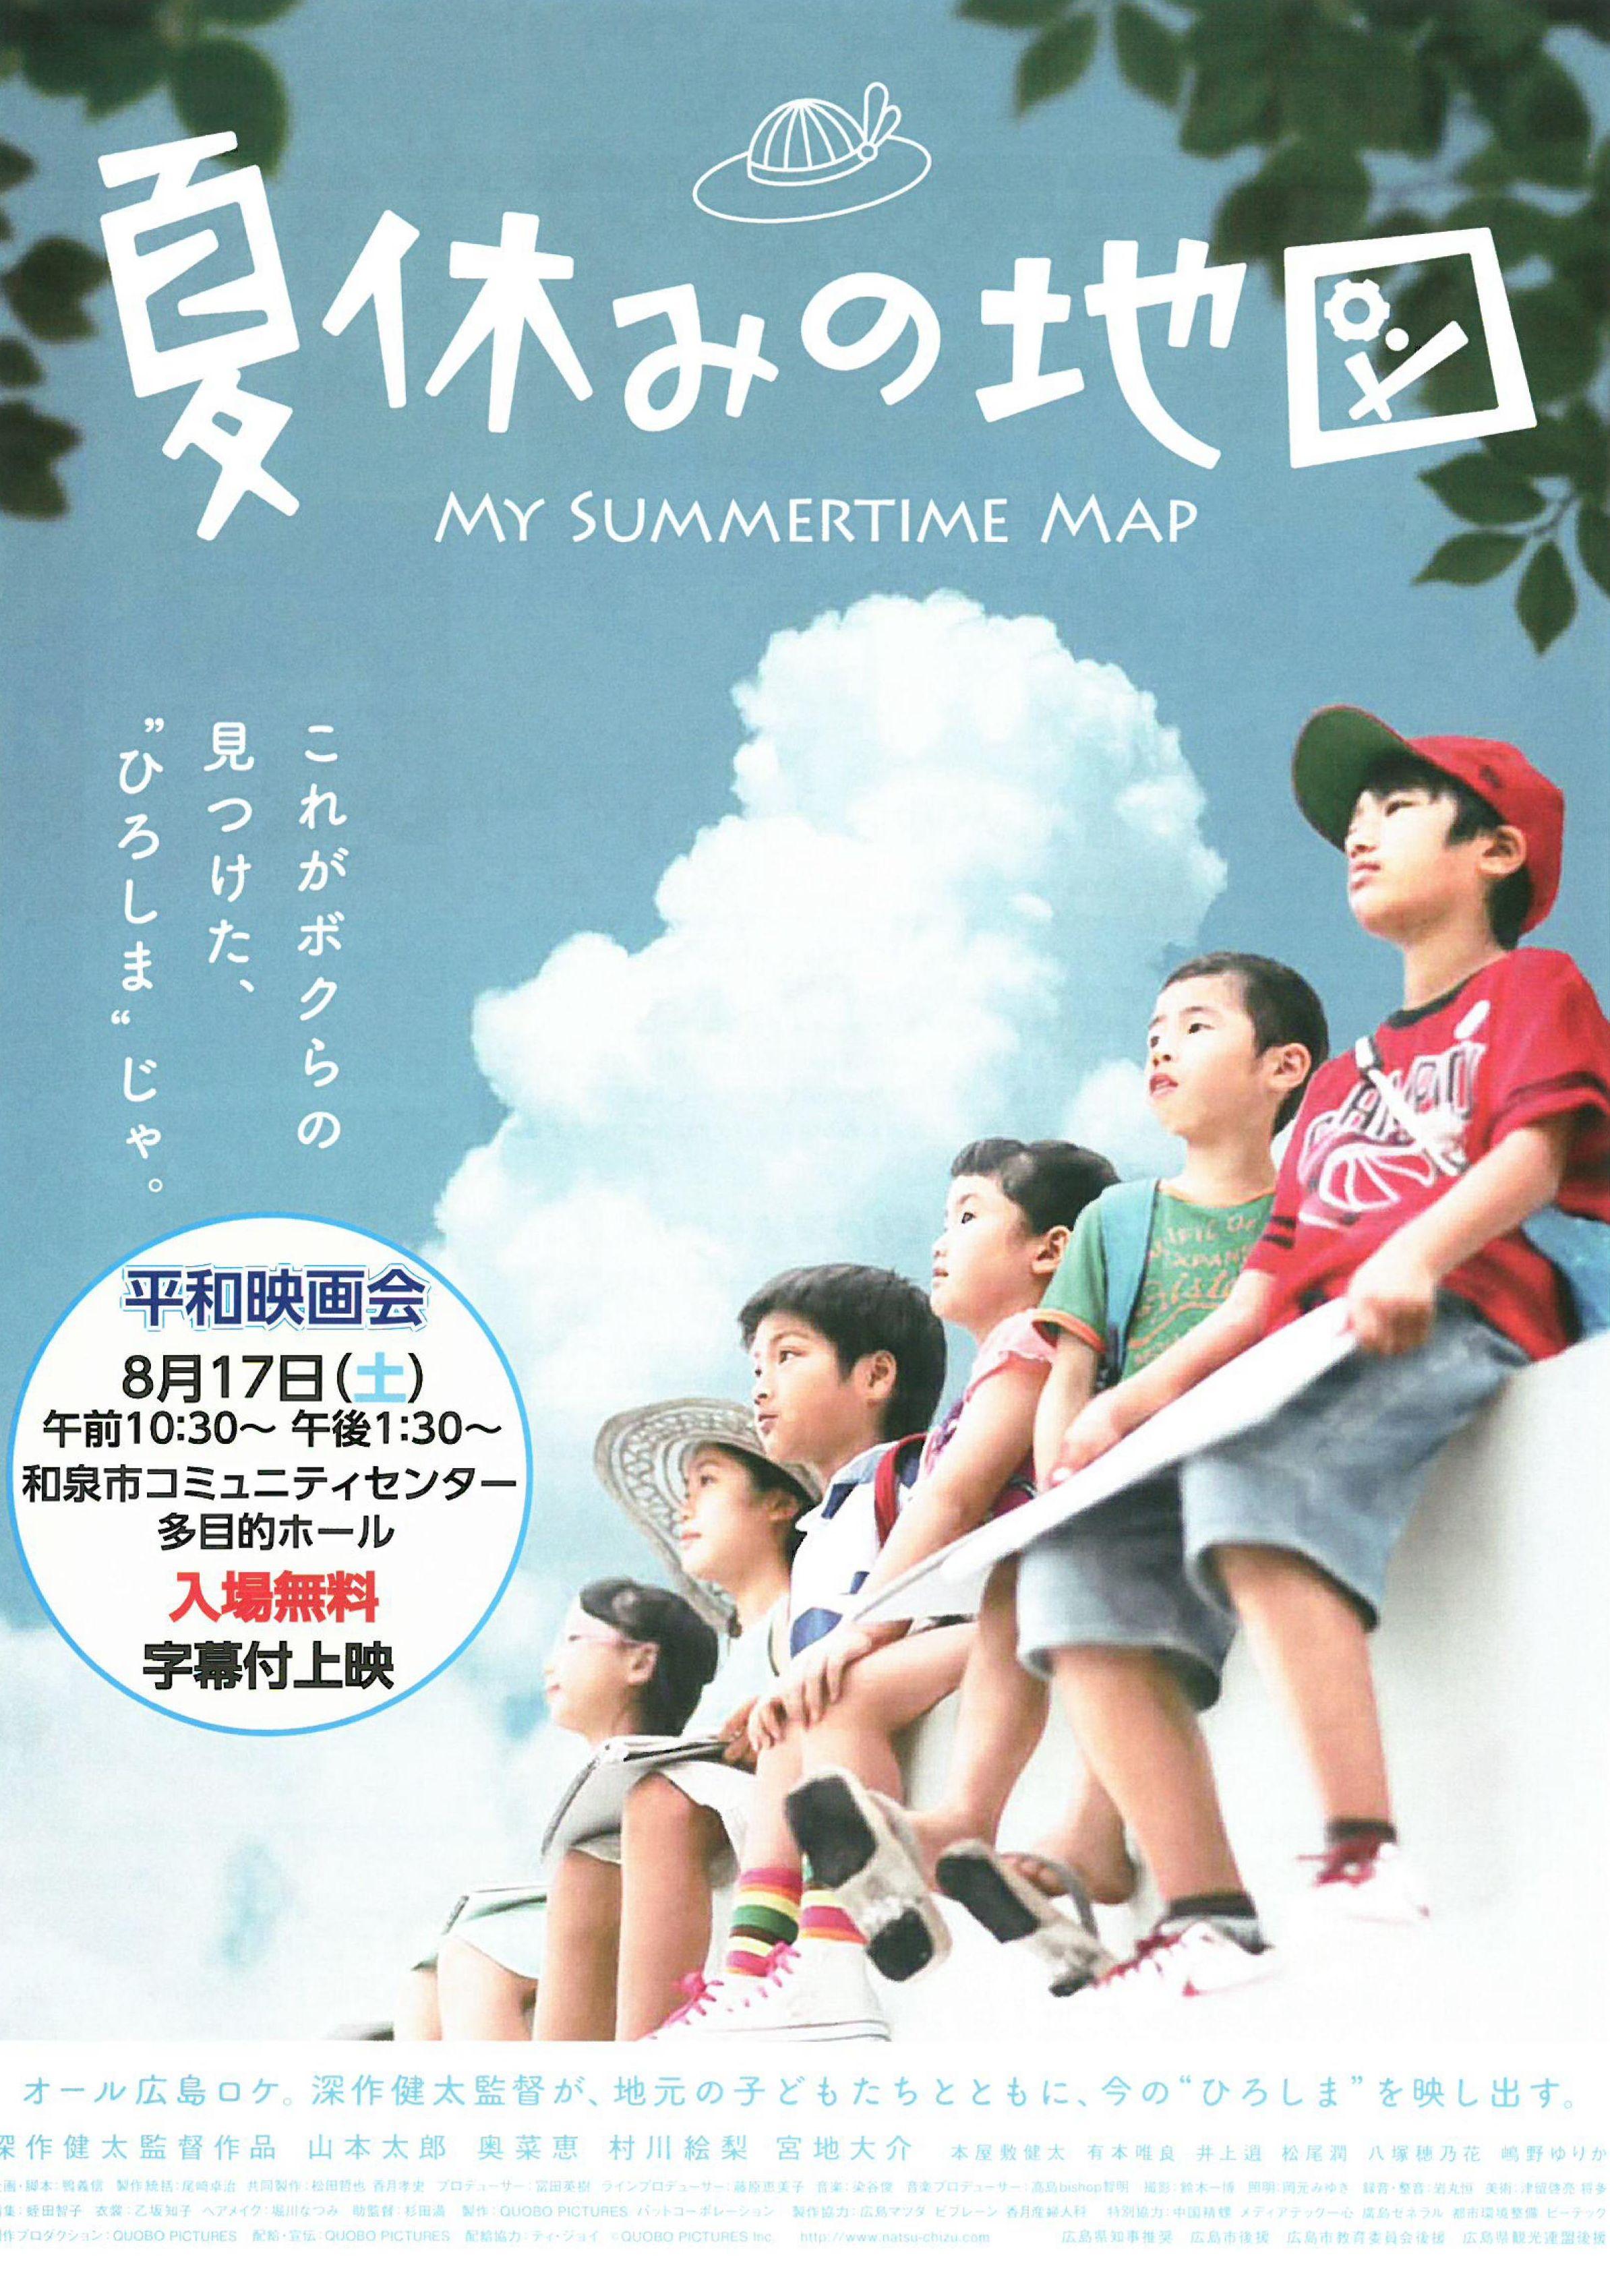 【終了】2019年8月17日(土)平和映画会「夏休みの地図」~和泉市コミュニティセンター